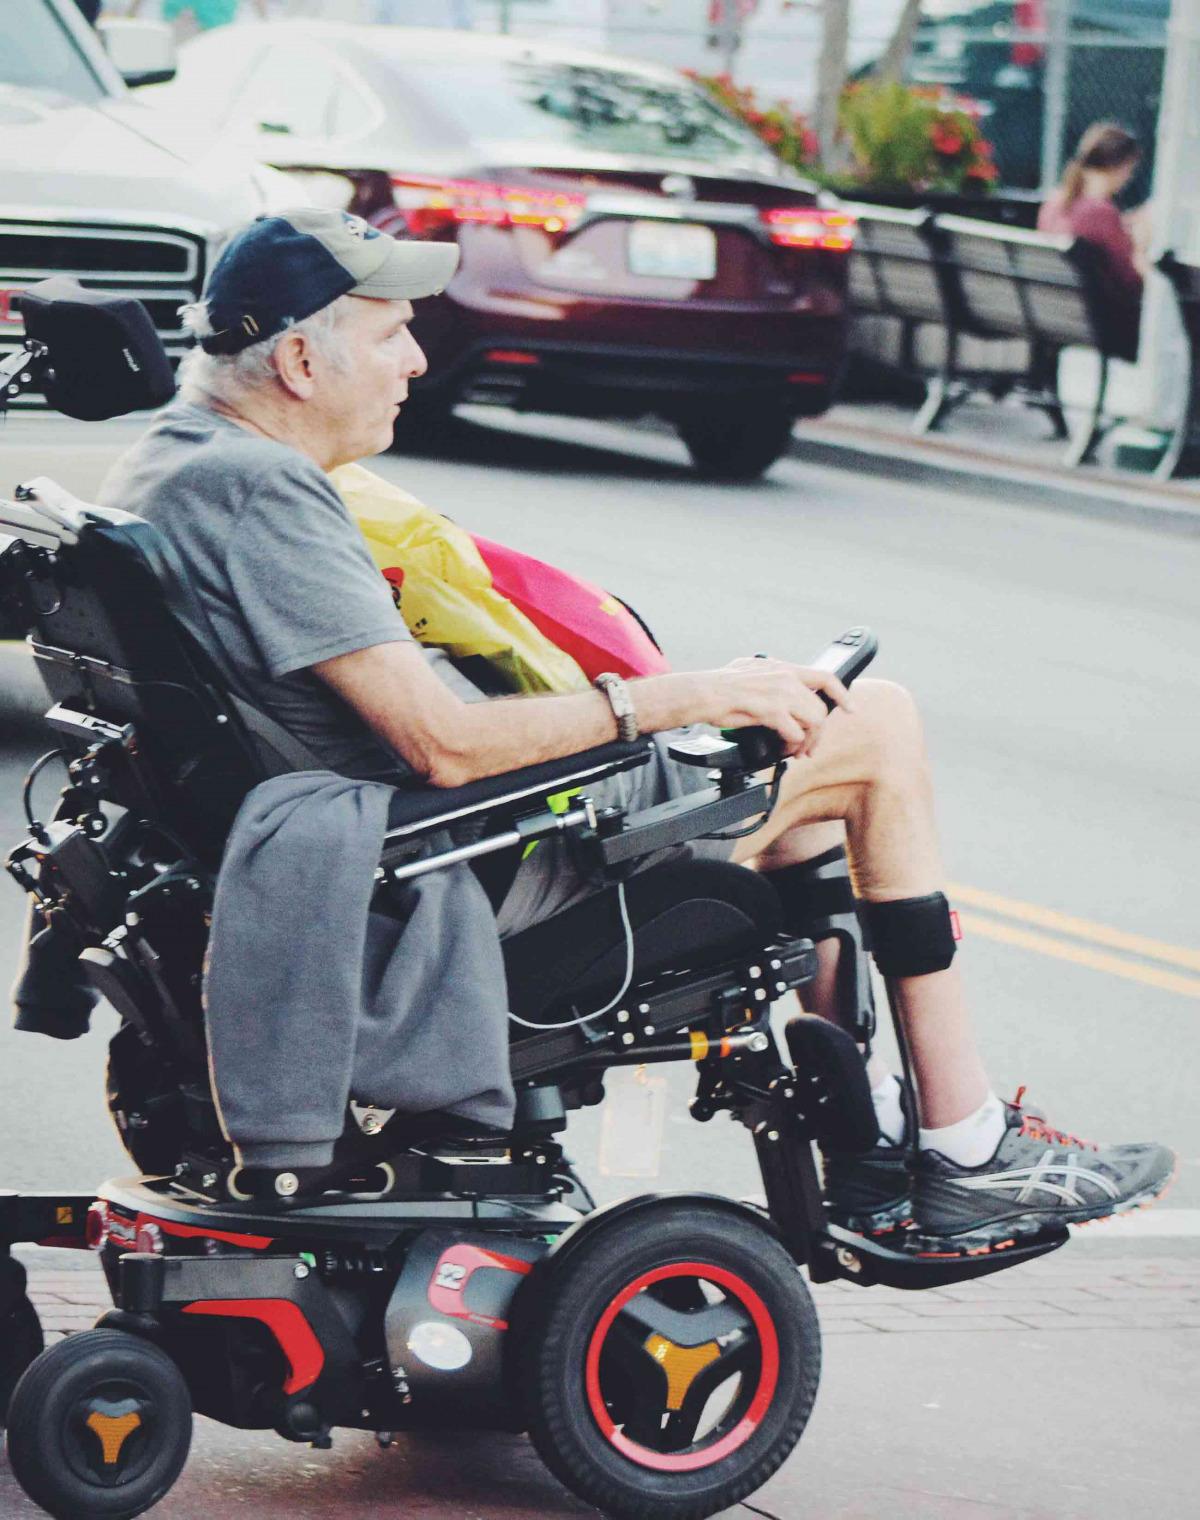 Man crossing road in power wheelchair